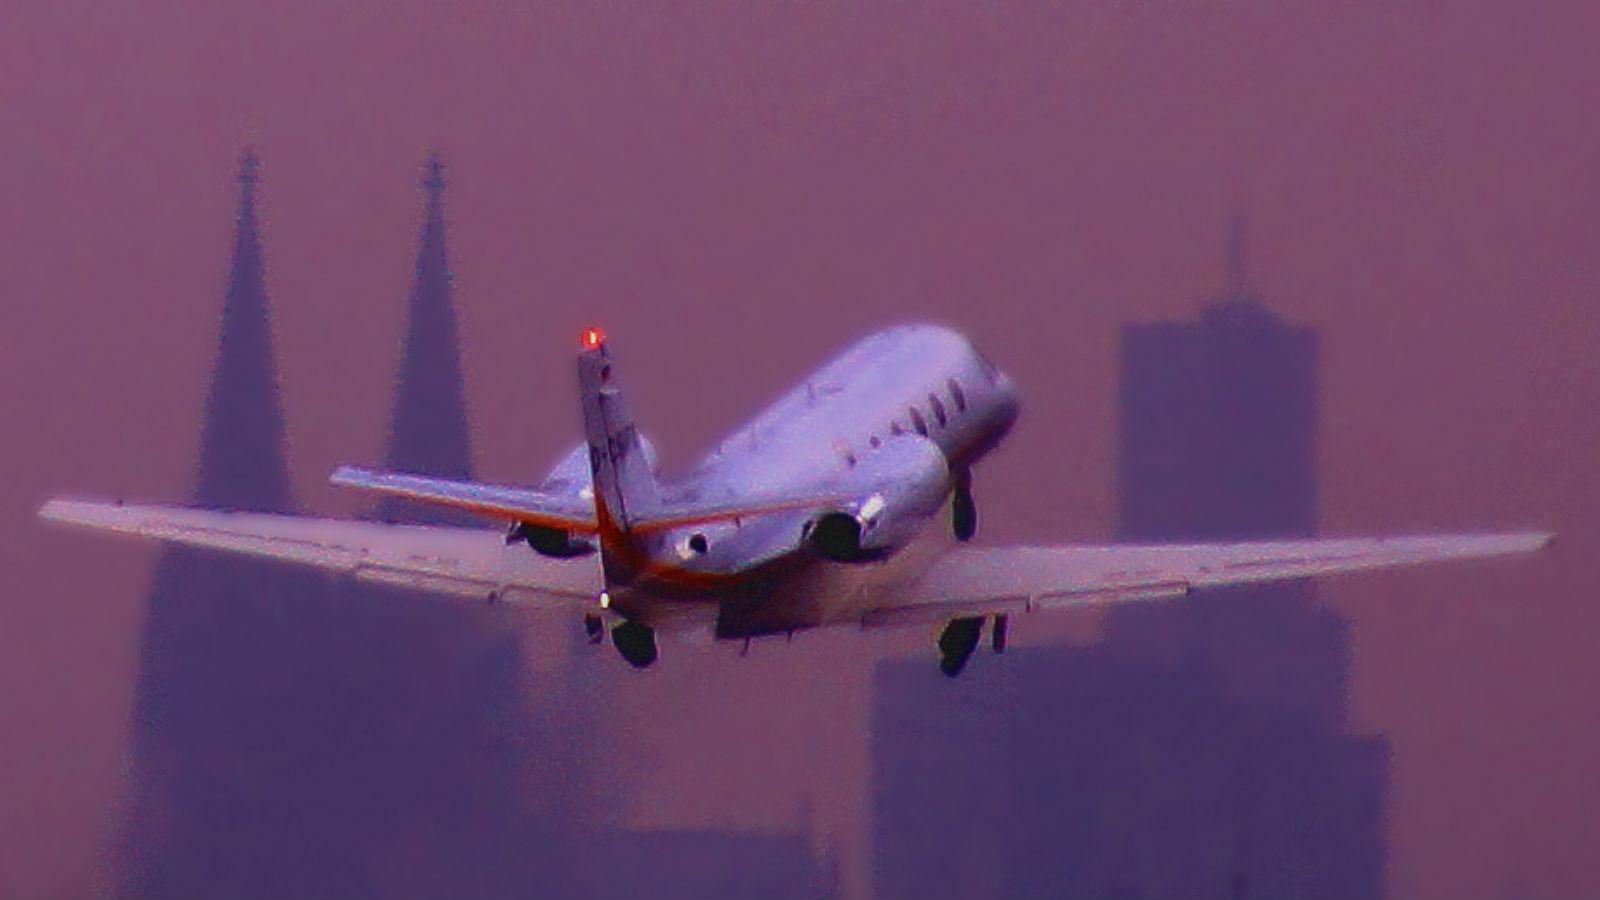 Eine kleine Passagiermaschine hebt am Kölner Flughafen ab. Bild: K.-A.